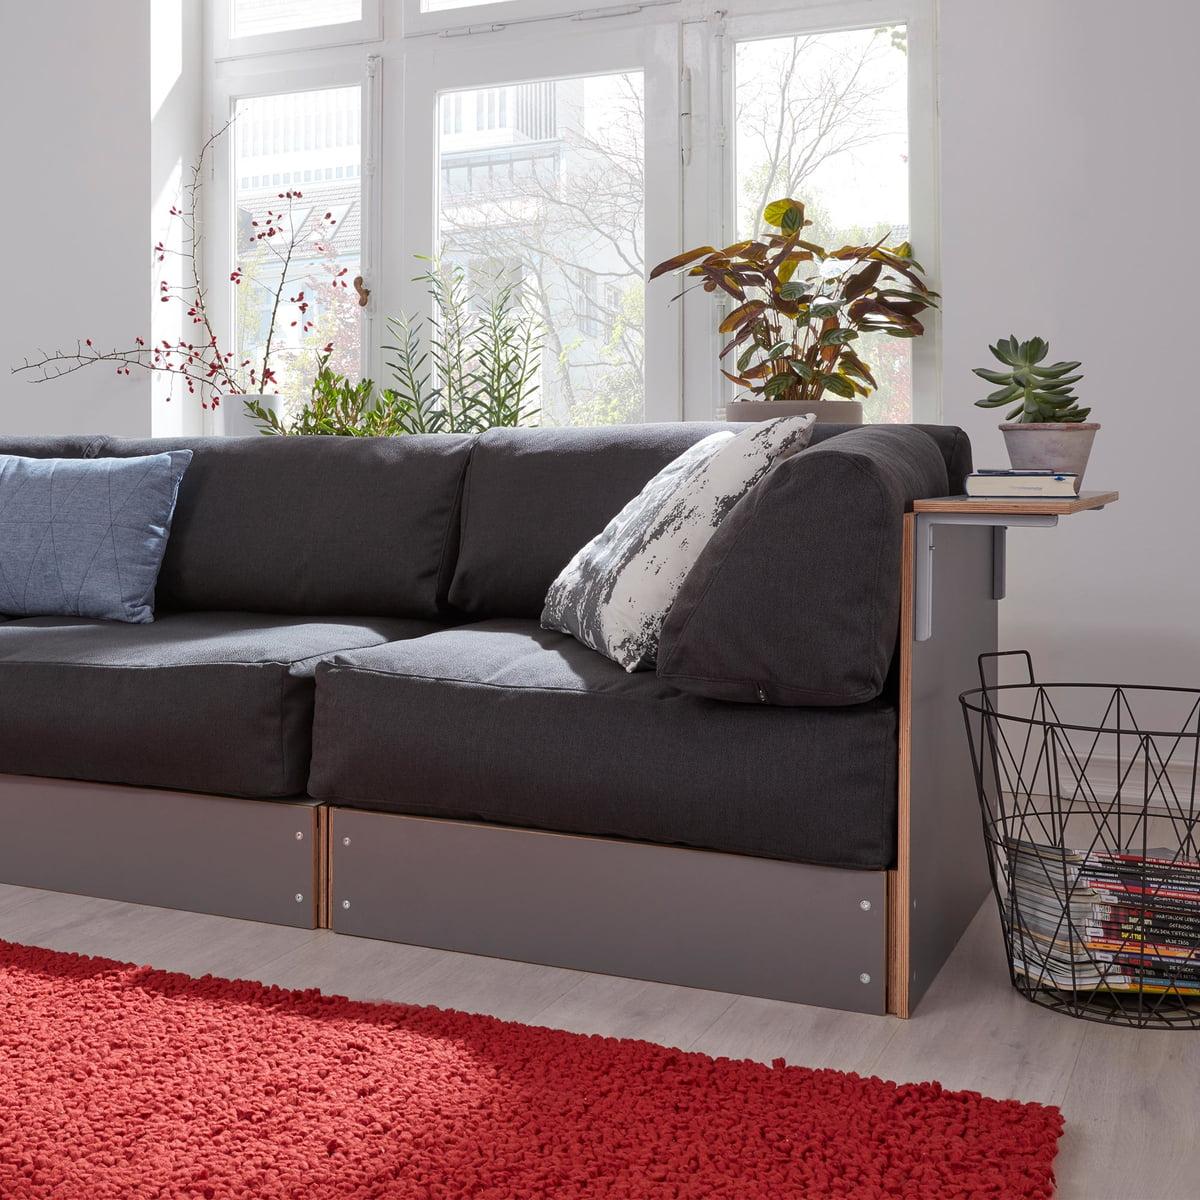 sofabank elements by m ller m belwerkst tten. Black Bedroom Furniture Sets. Home Design Ideas